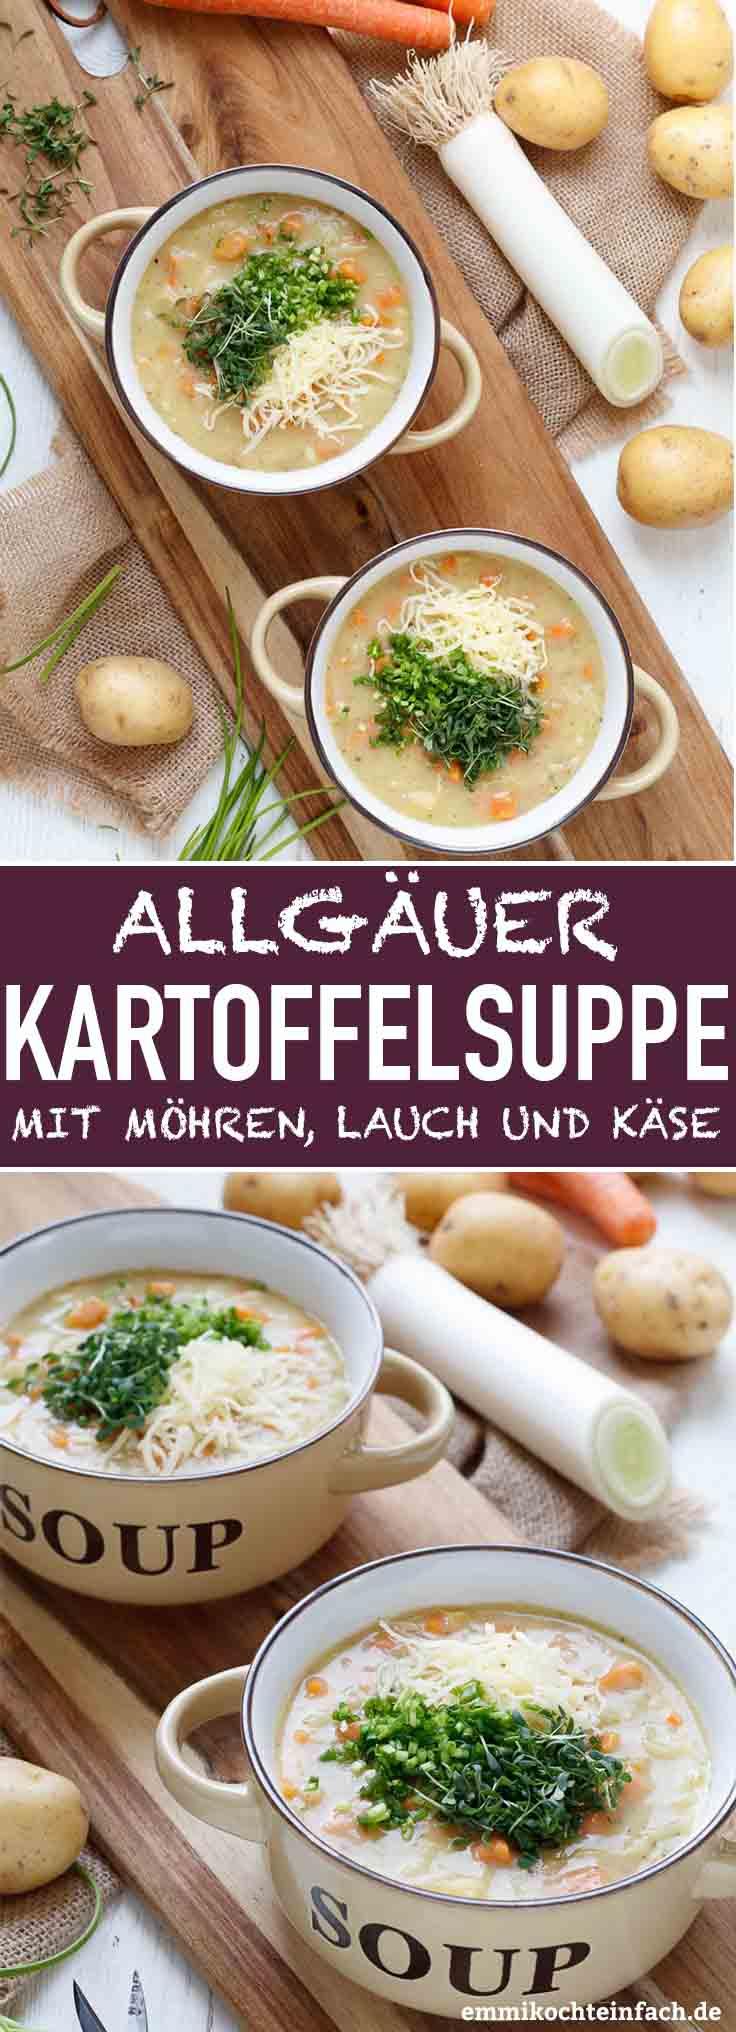 Allgäuer Kartoffelsuppe mit Möhren, Lauch und Emmentaler - www.emmikochteinfach.de